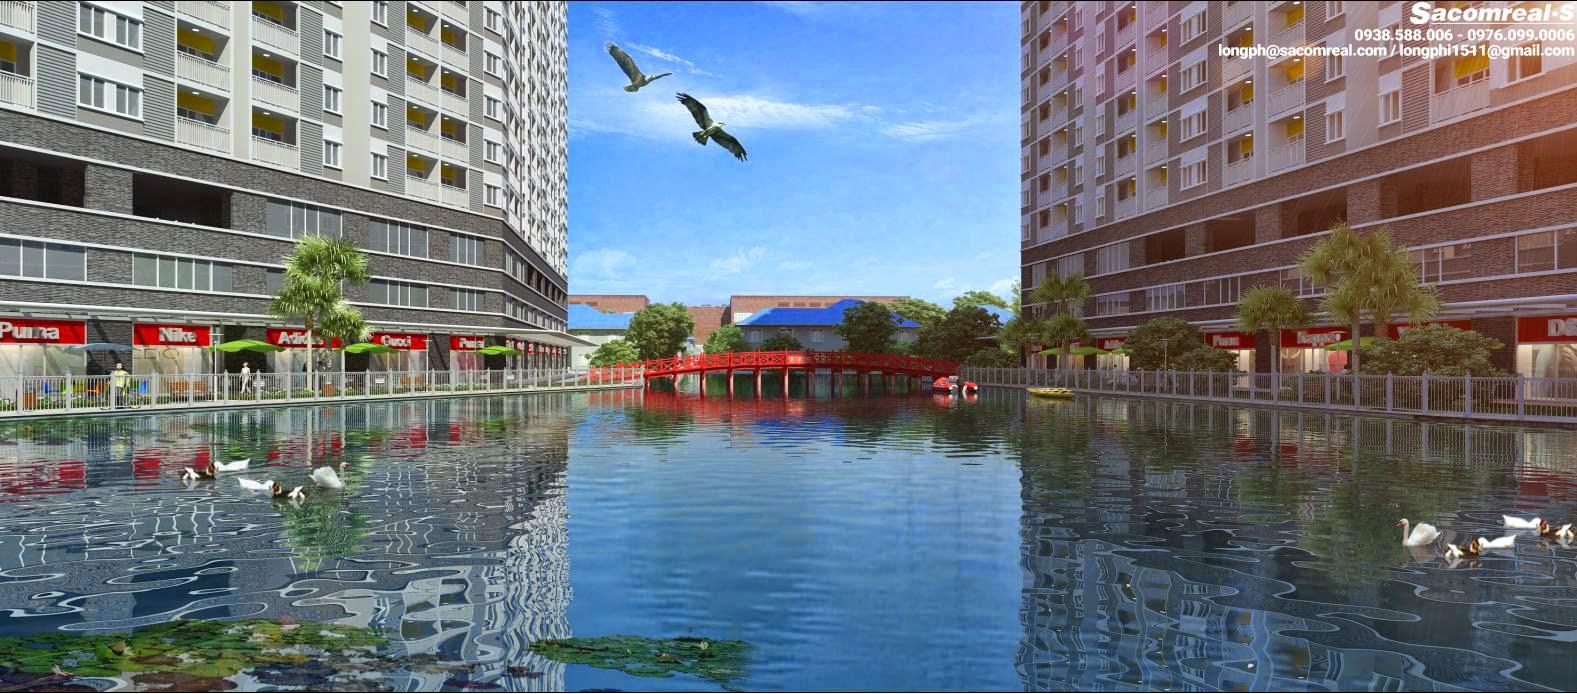 Phối cảnh mặt hồ trong dự án căn hộ Jamona Apartment